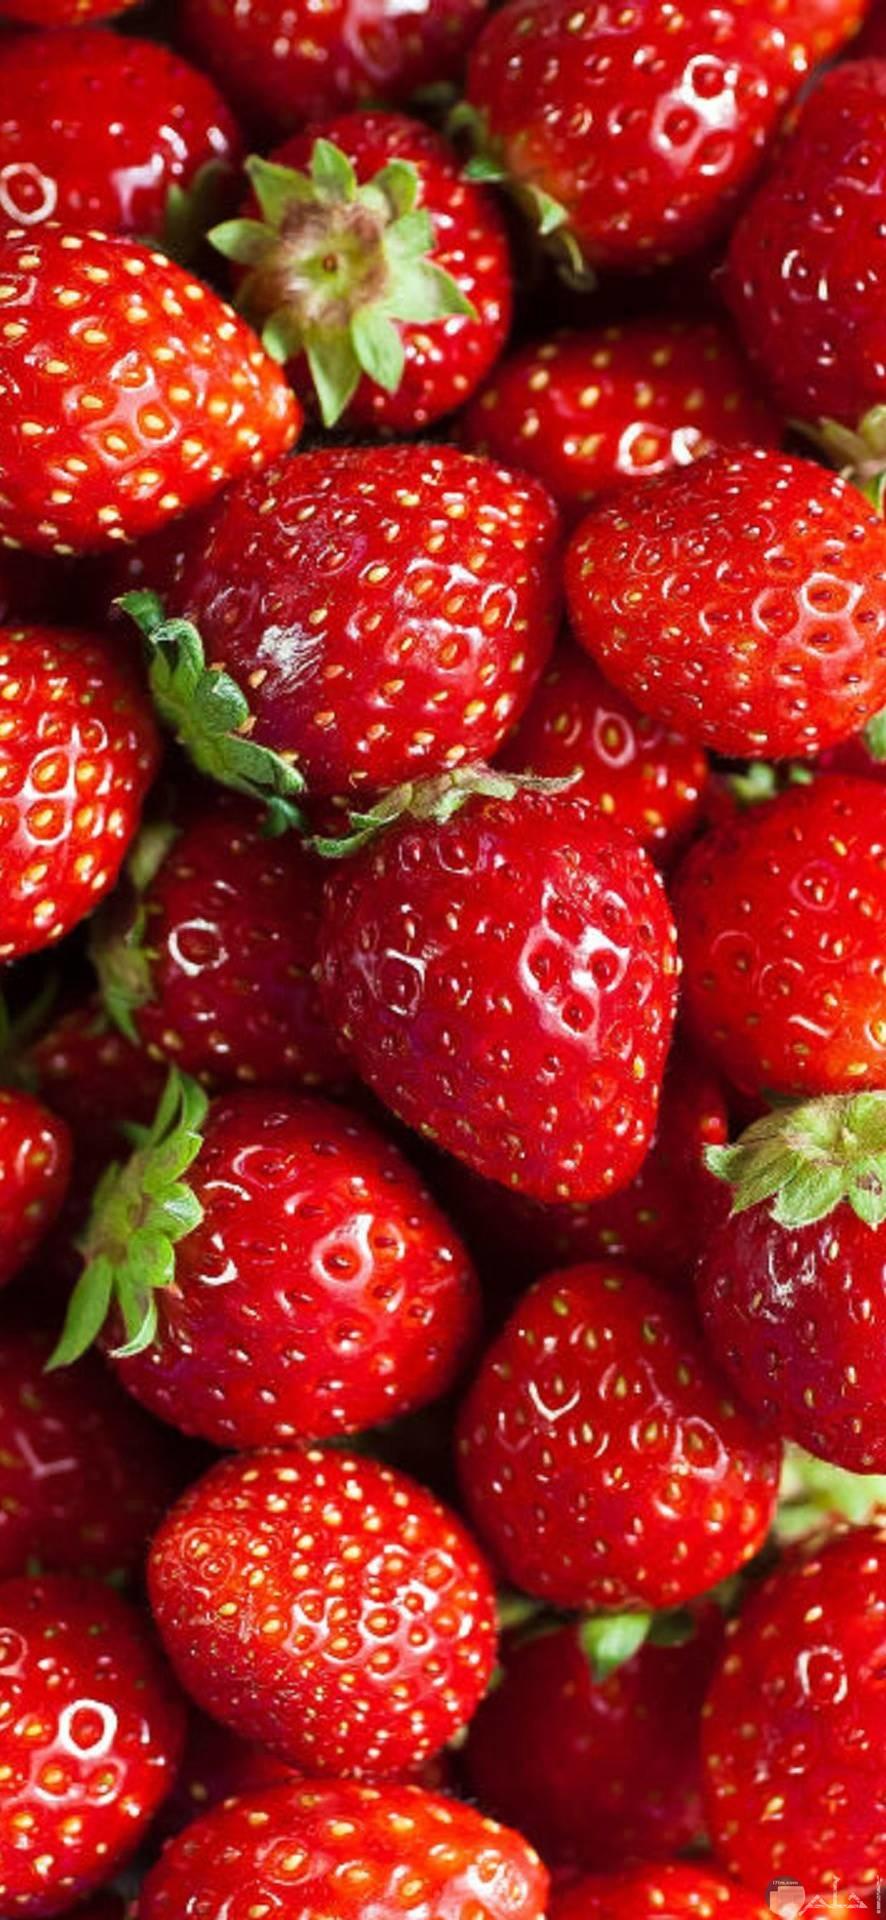 صور فراولة